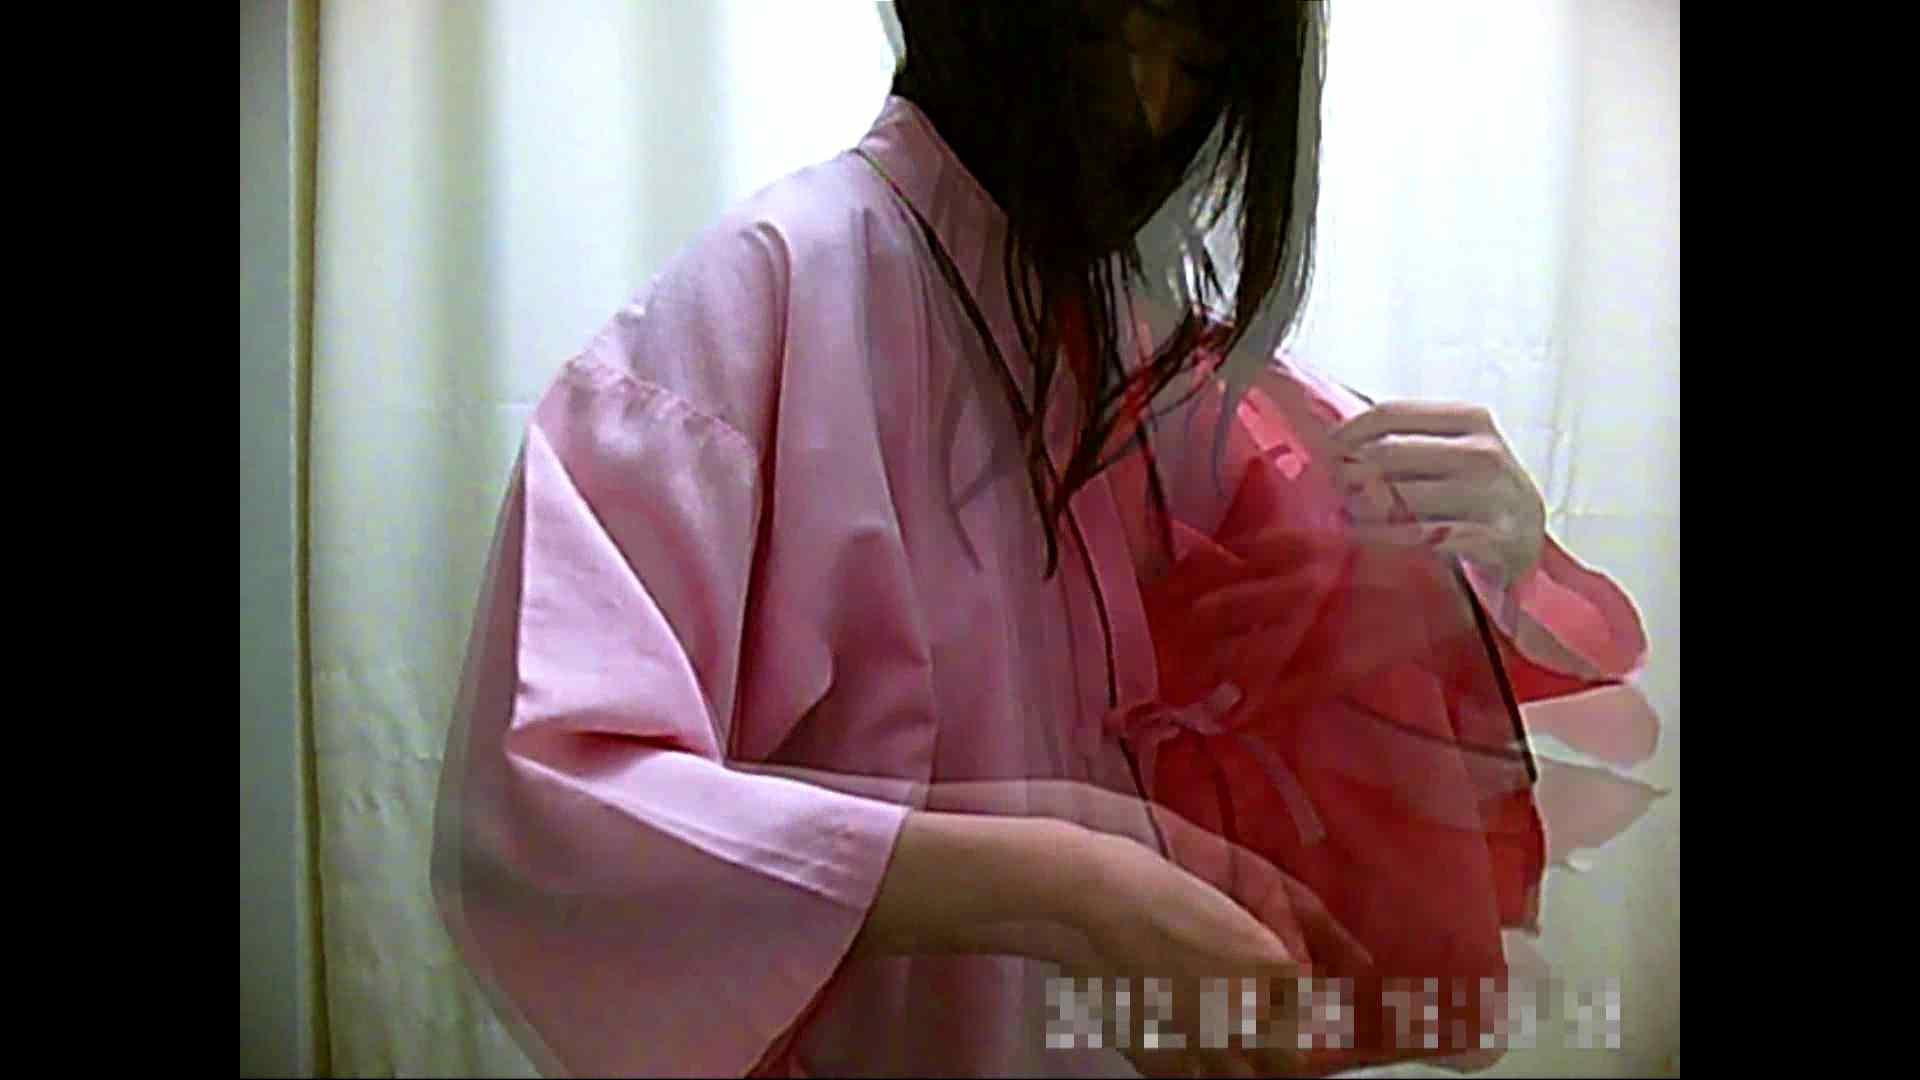 元医者による反抗 更衣室地獄絵巻 vol.020 OLハメ撮り  69Pix 54